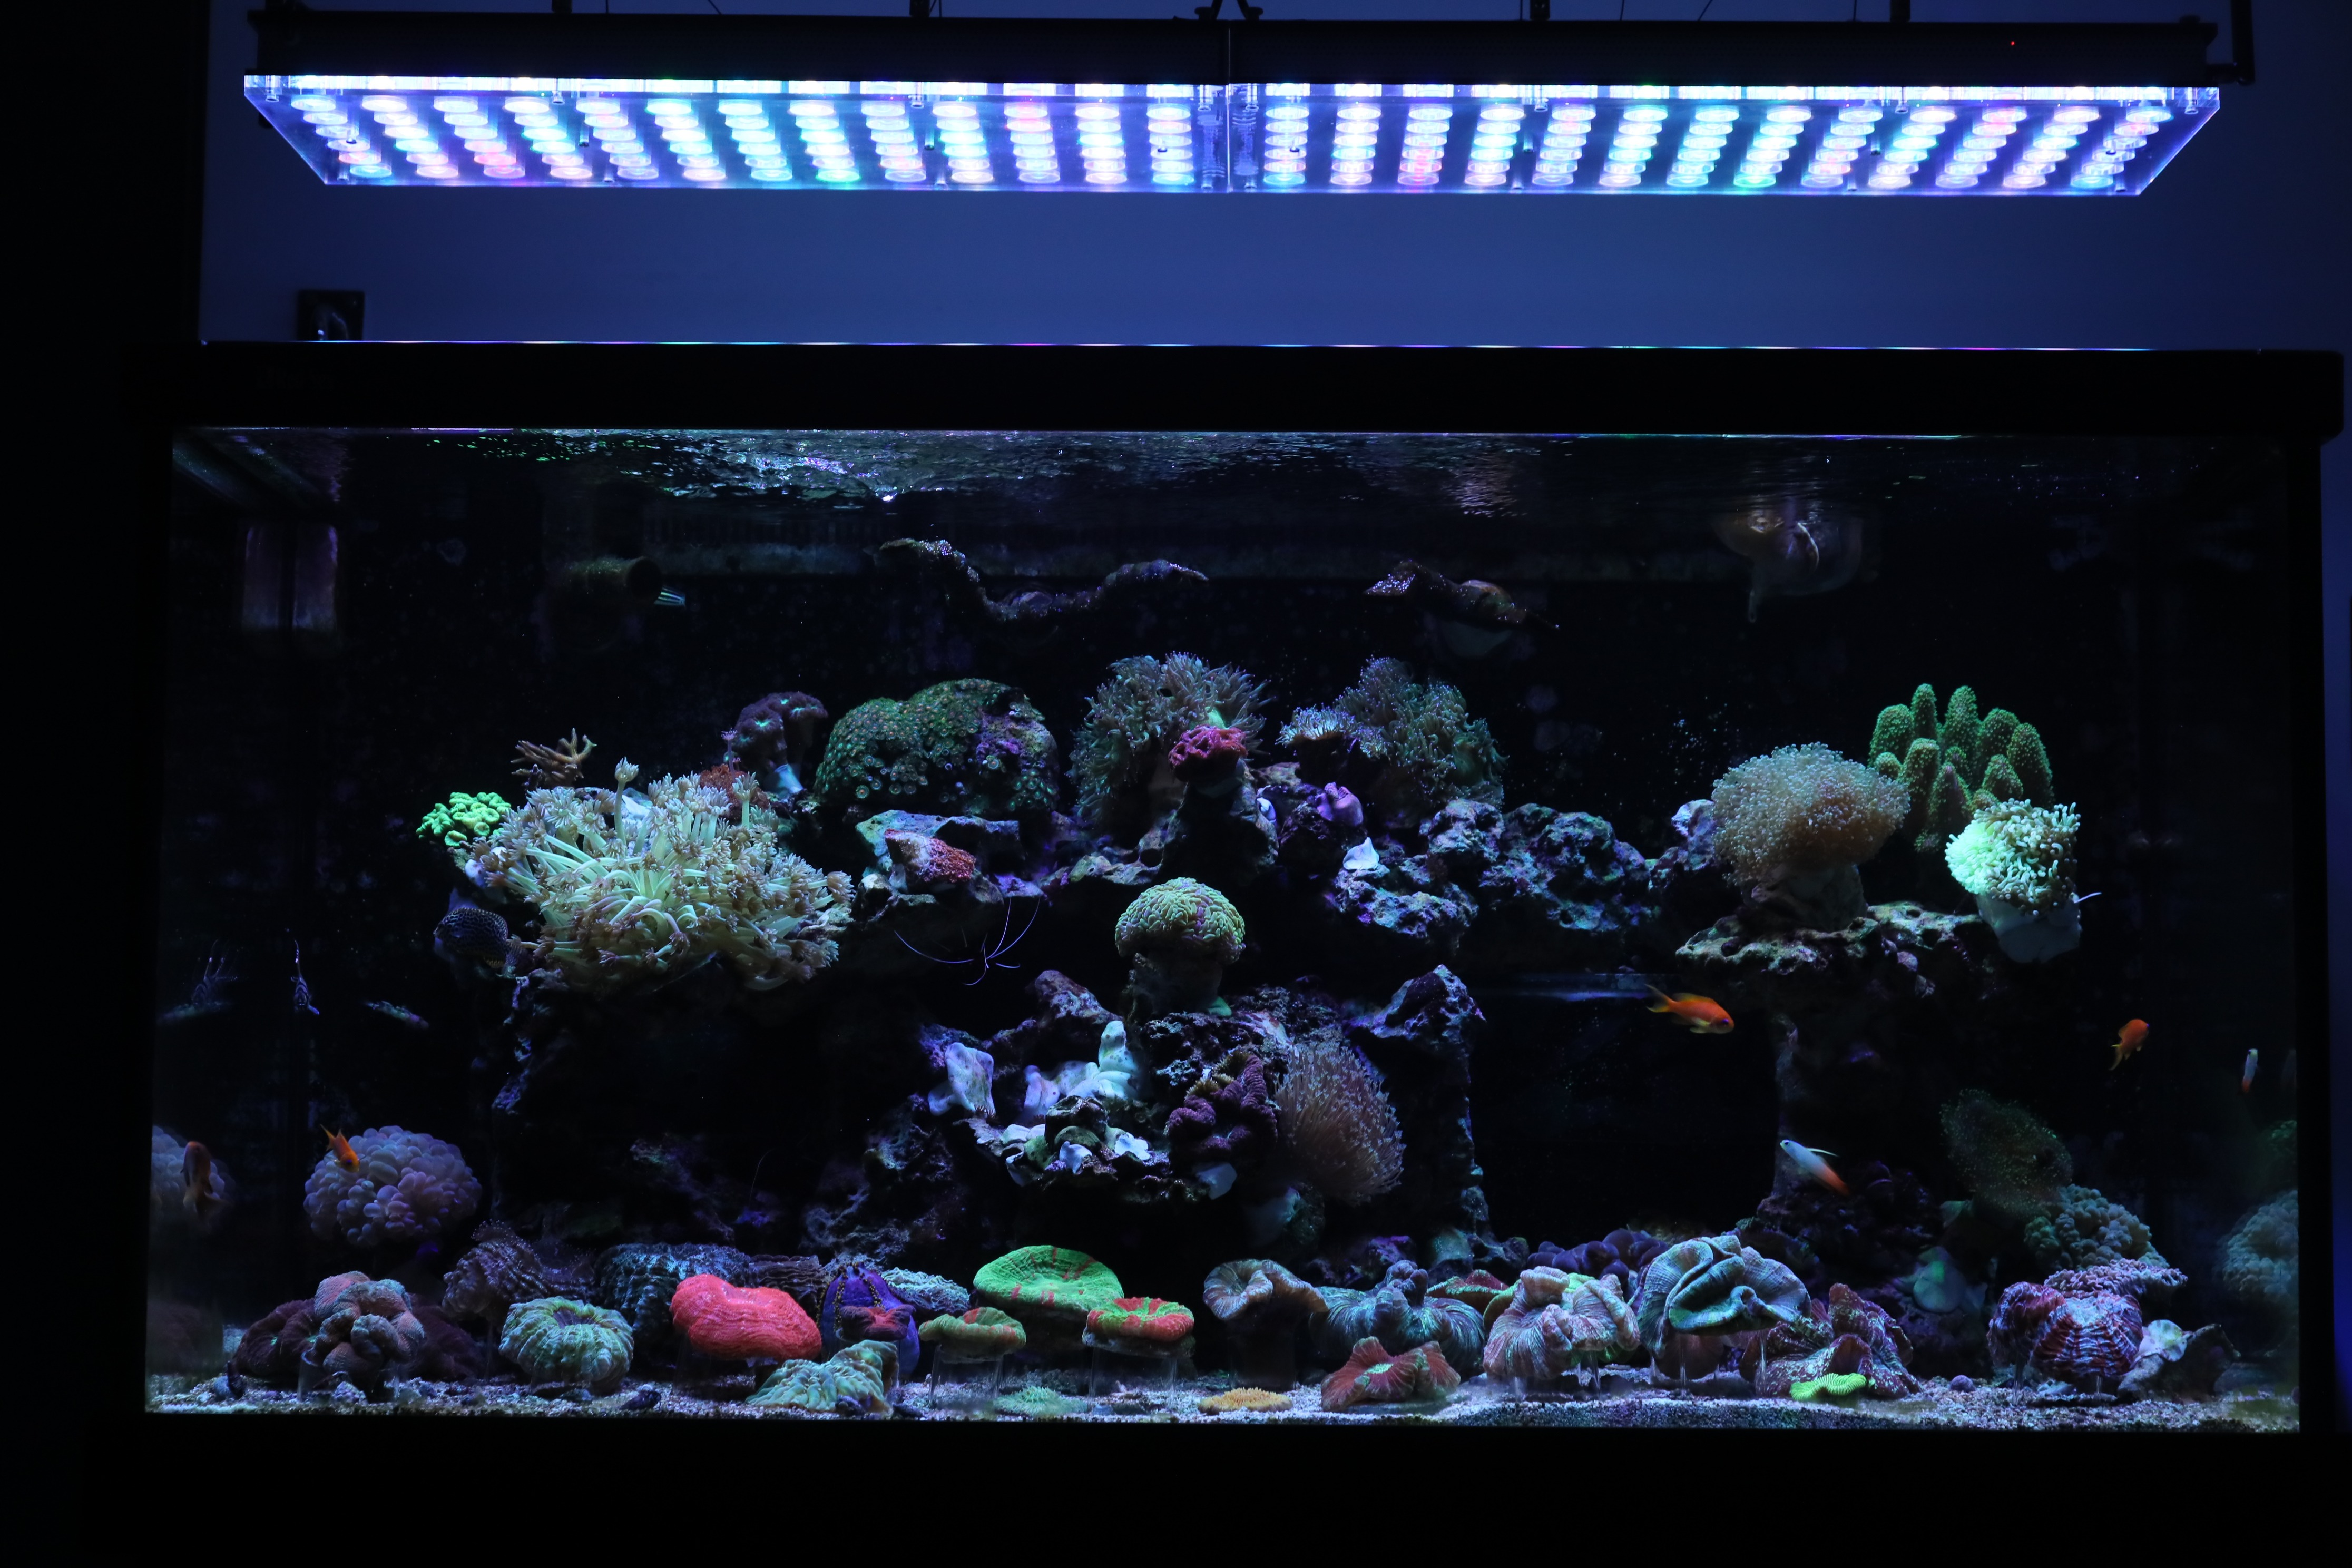 Aquarium led beleuchtung orphek aquarium orphek led for Aquarium beleuchtung